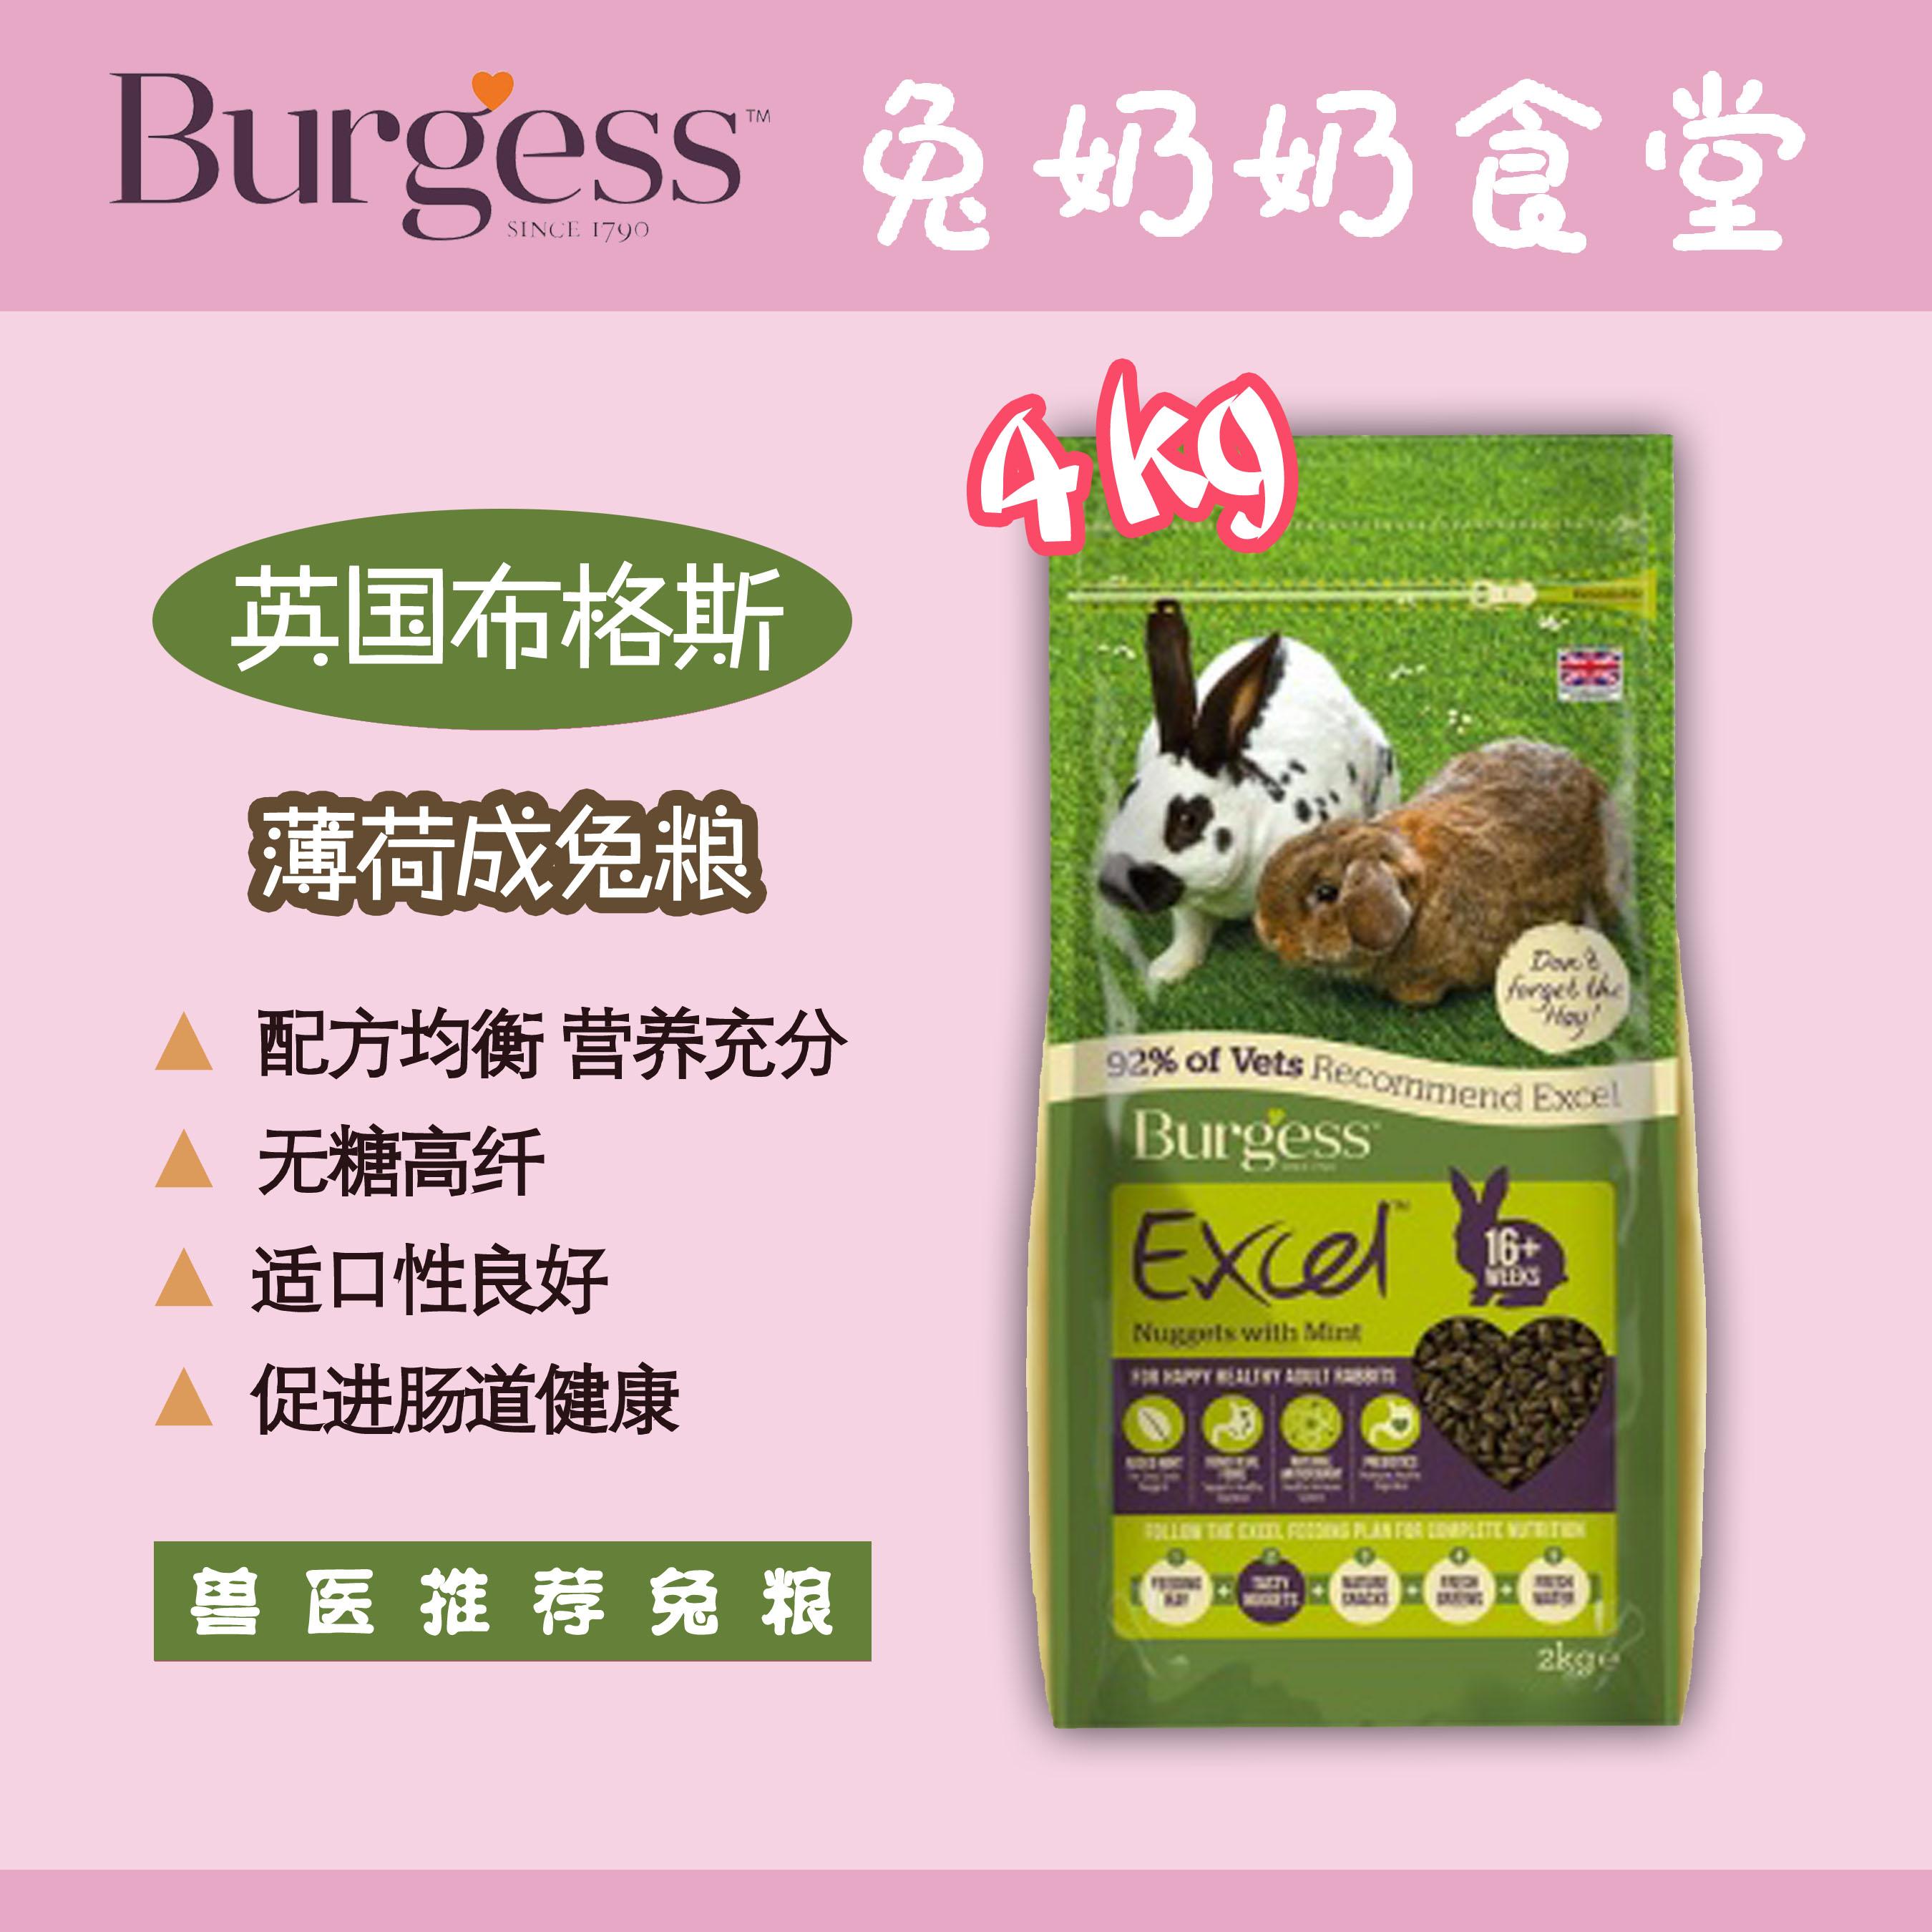 Spot Burgess Bugus Мята взрослый кролик зерна 4KG срок годности 2021 9